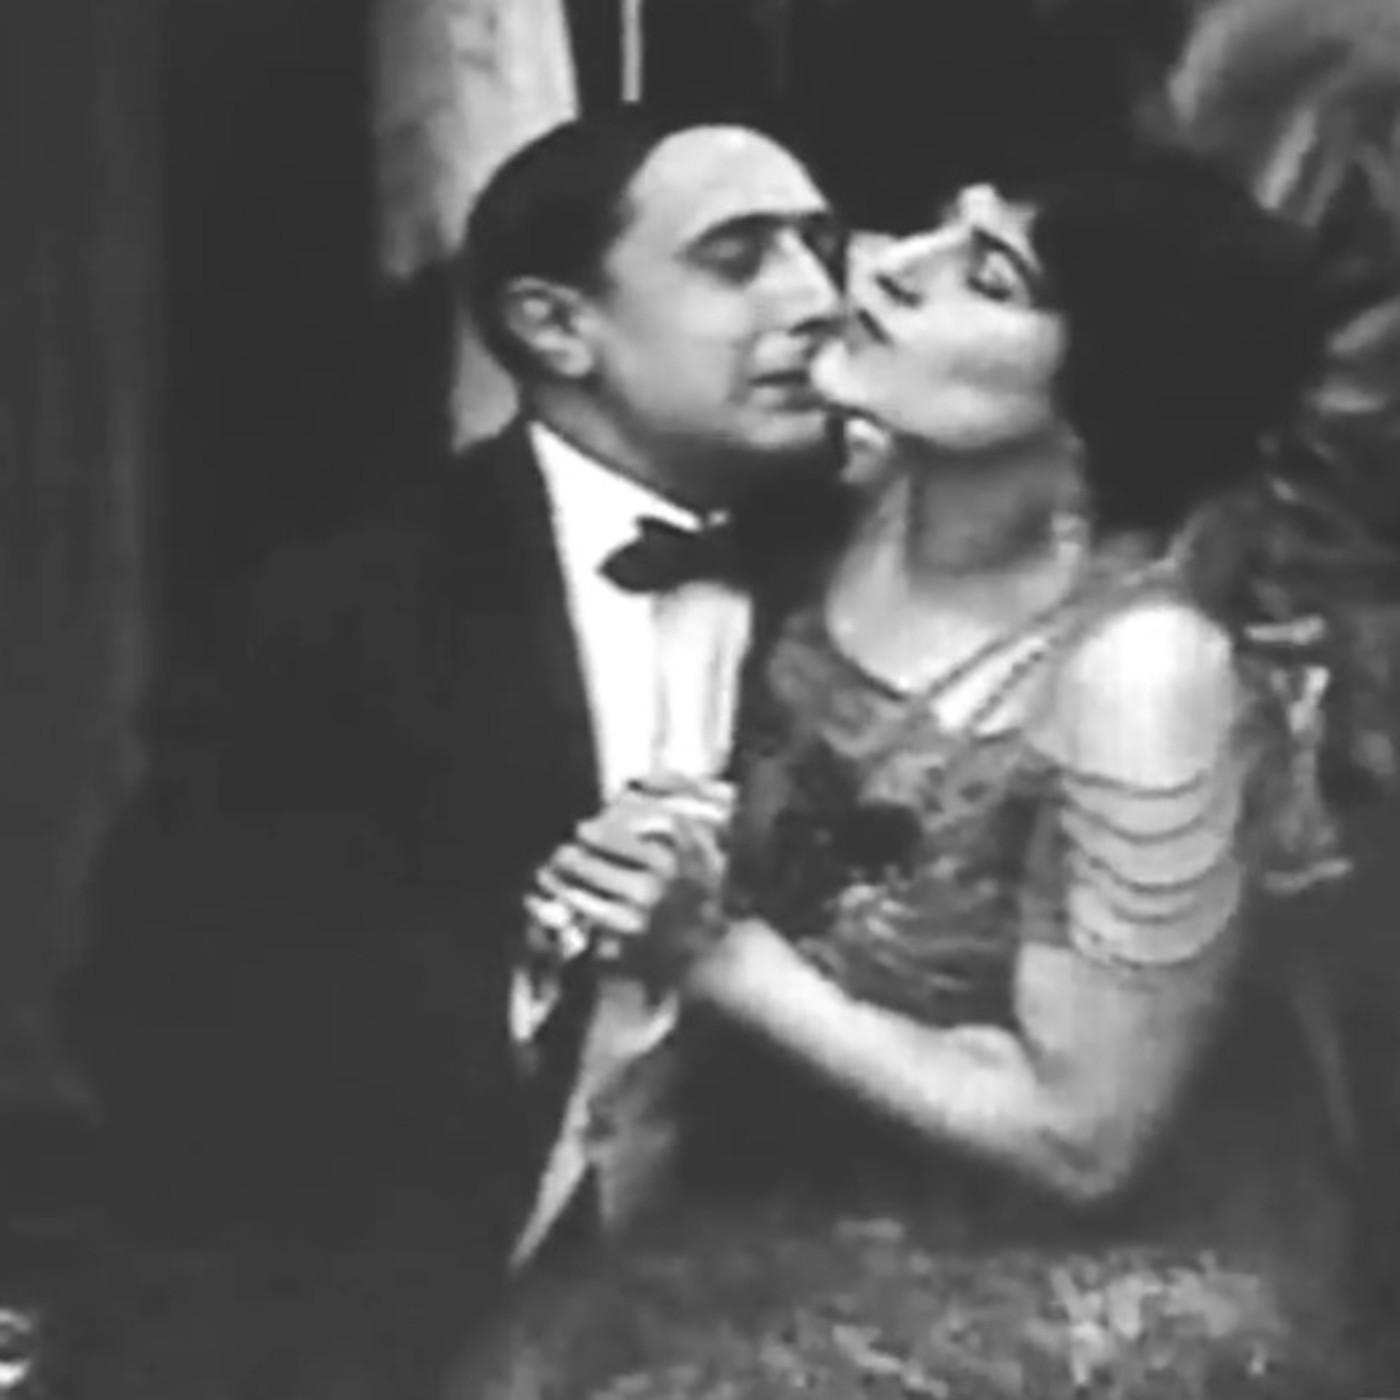 LA HISTORIA ENTRE LÍNEAS: Carmen Villasán, una artista egabrense del cine mudo español